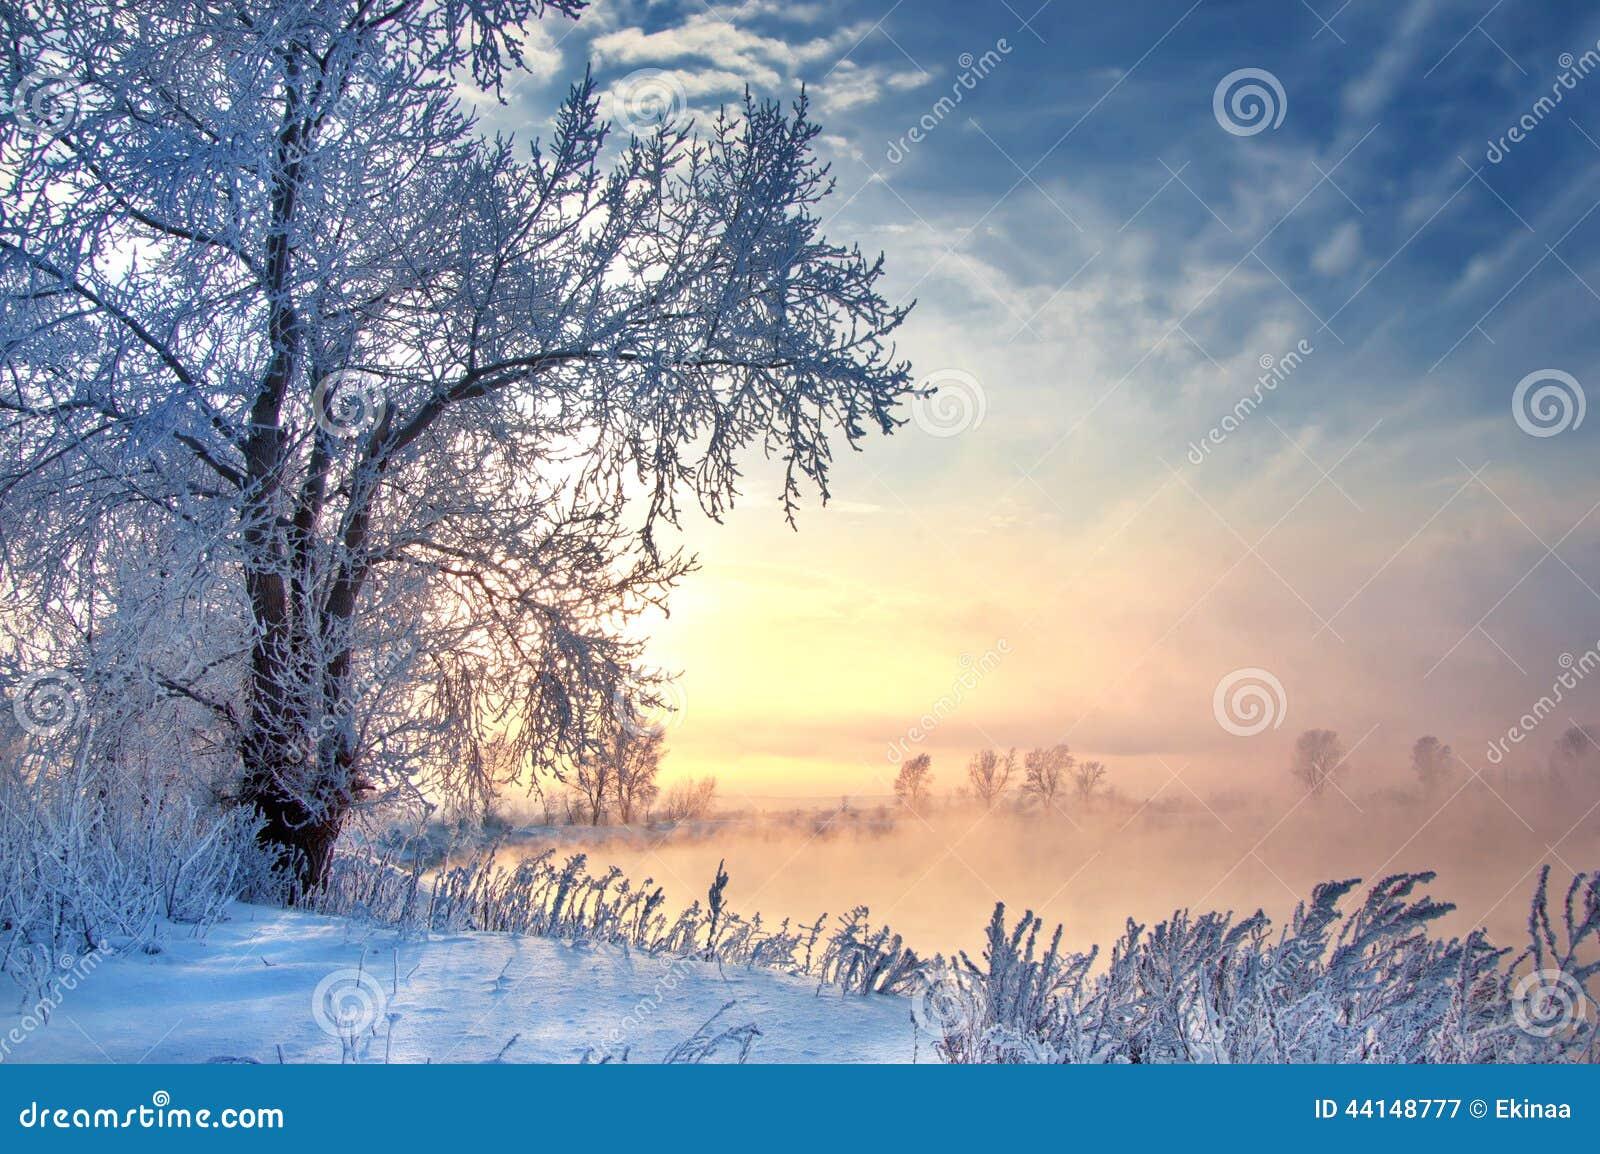 冬天,冬天,冬天